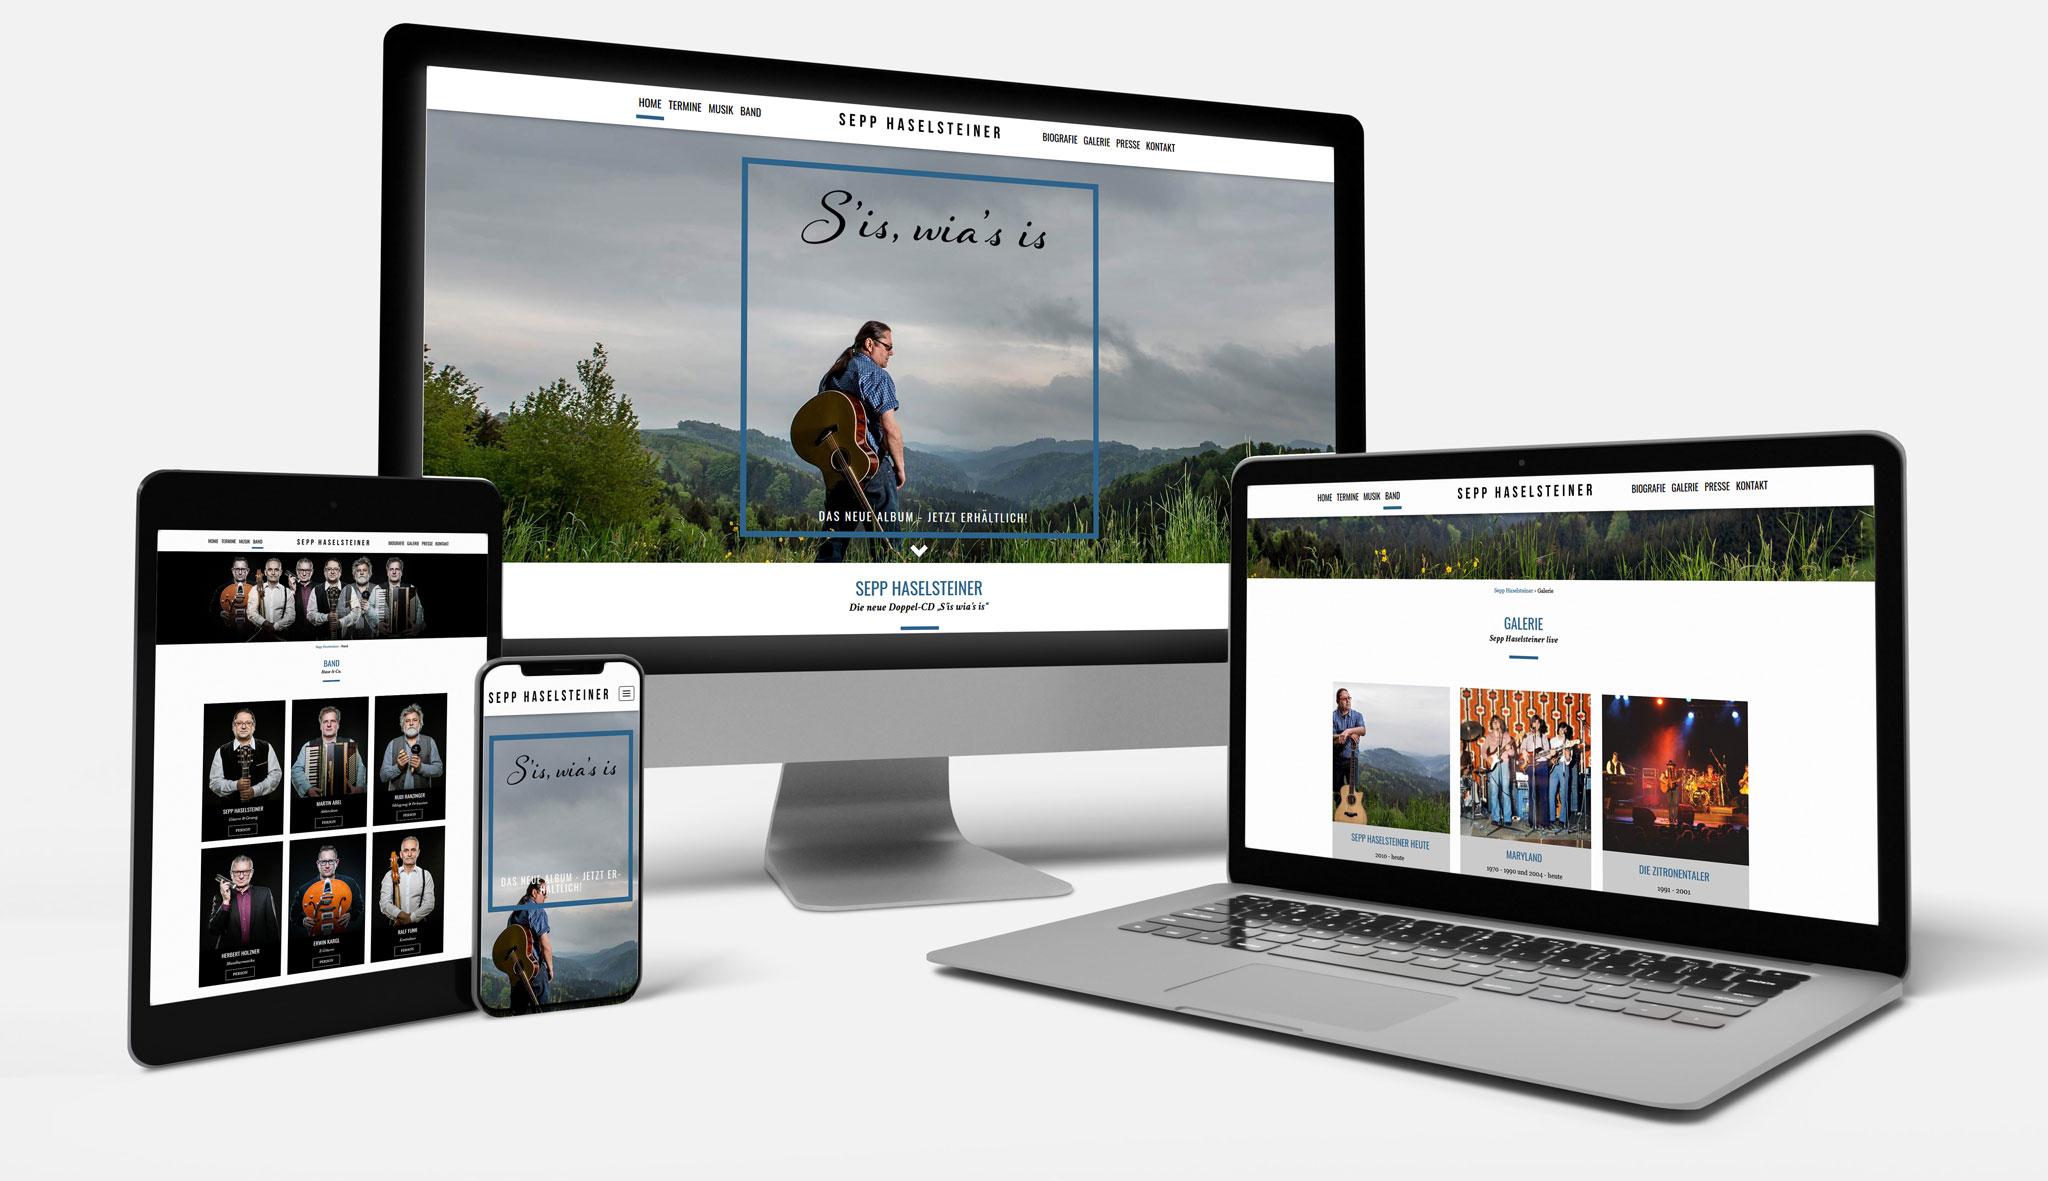 Sepp Haselsteiner Website | Werbeagentur Roland C. Ritter